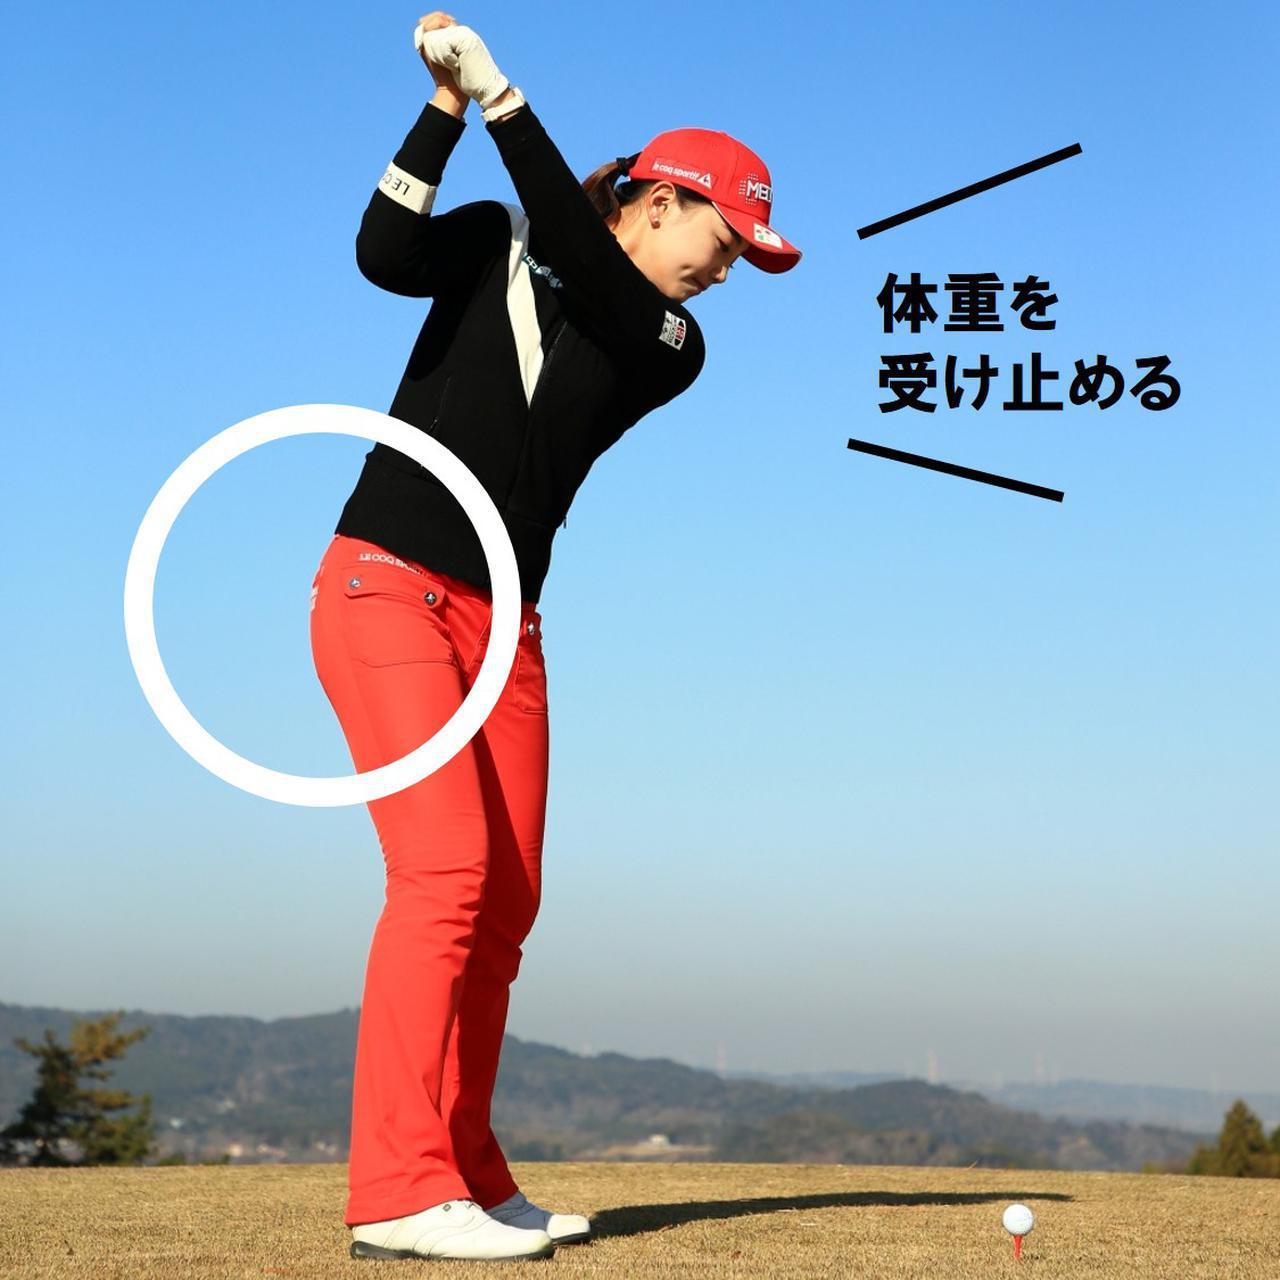 画像: Point② トップで右股関節に体重を乗せる